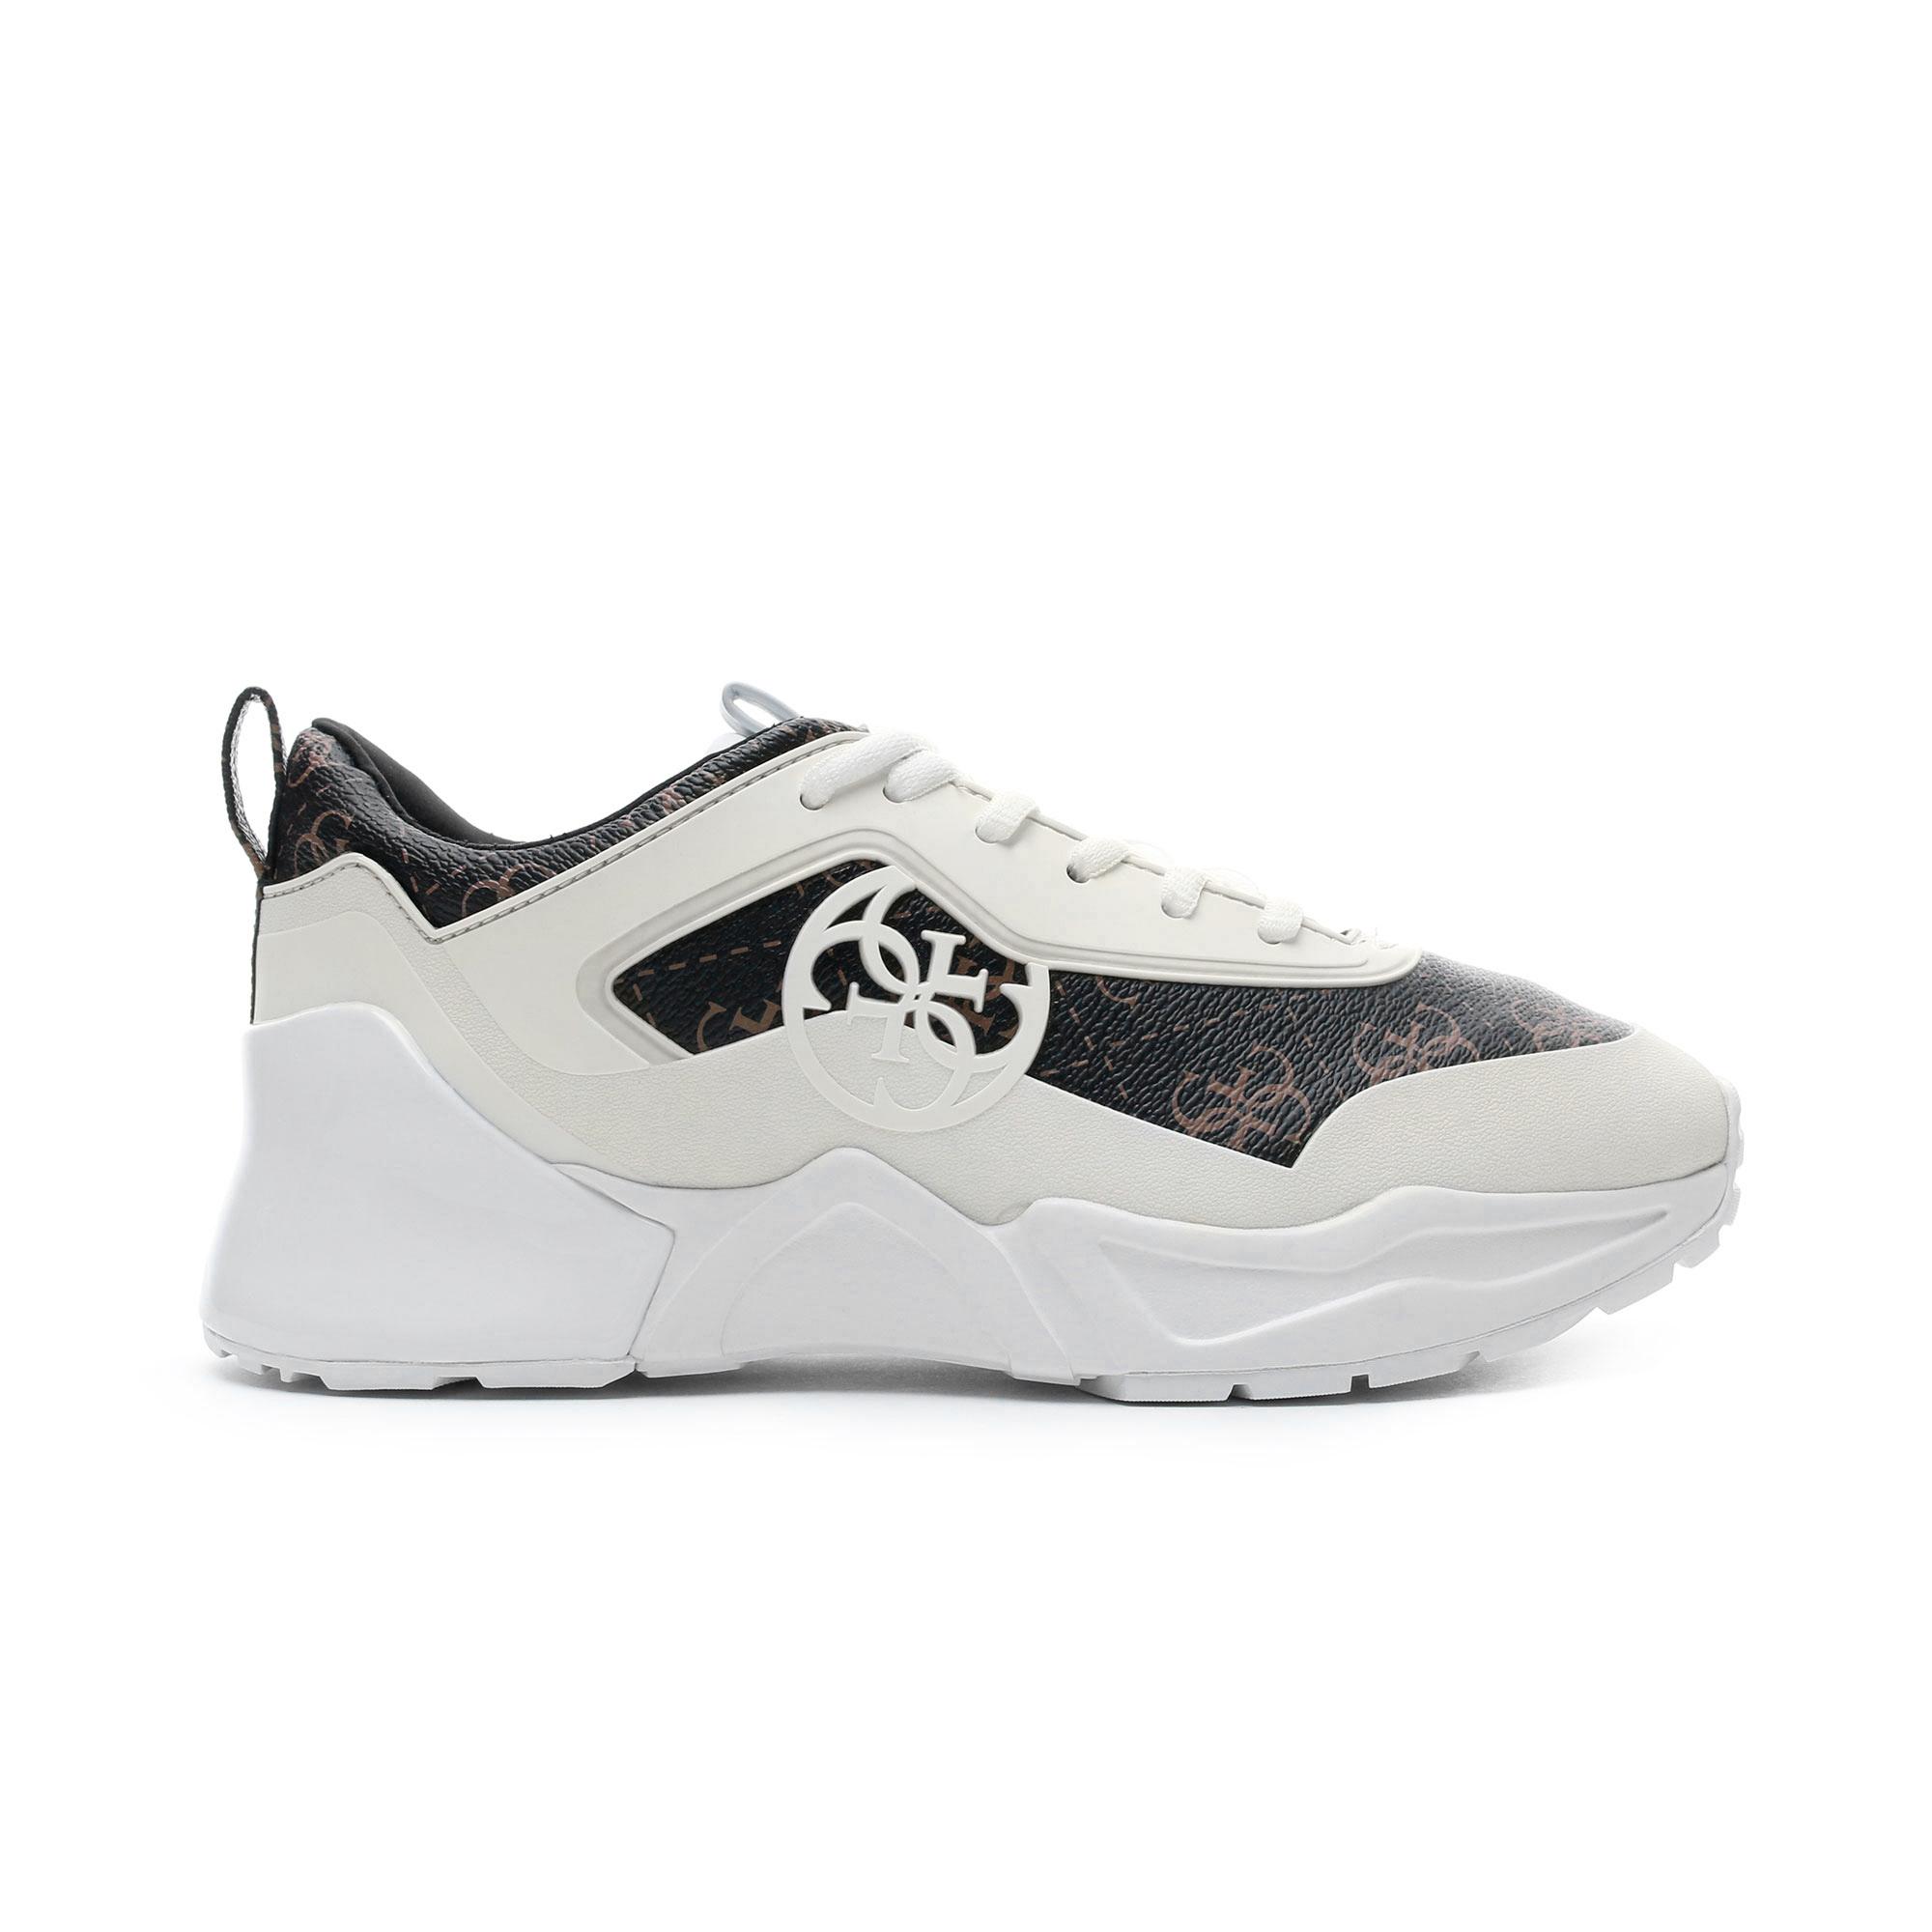 Guess Terain7 Beyaz - Kahverengi Kadın Spor Ayakkabı